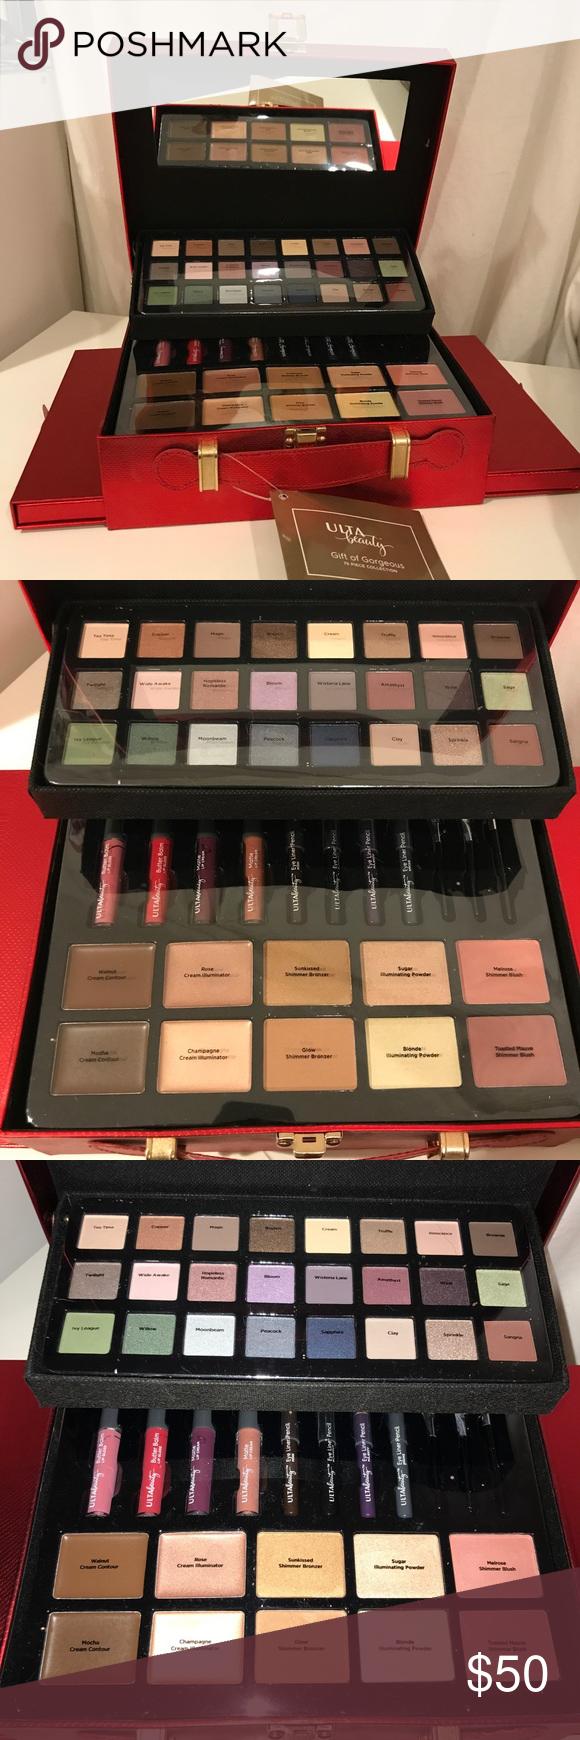 Ulta75 piece makeup kit 💋💄 nwt Makeup kit, Makeup